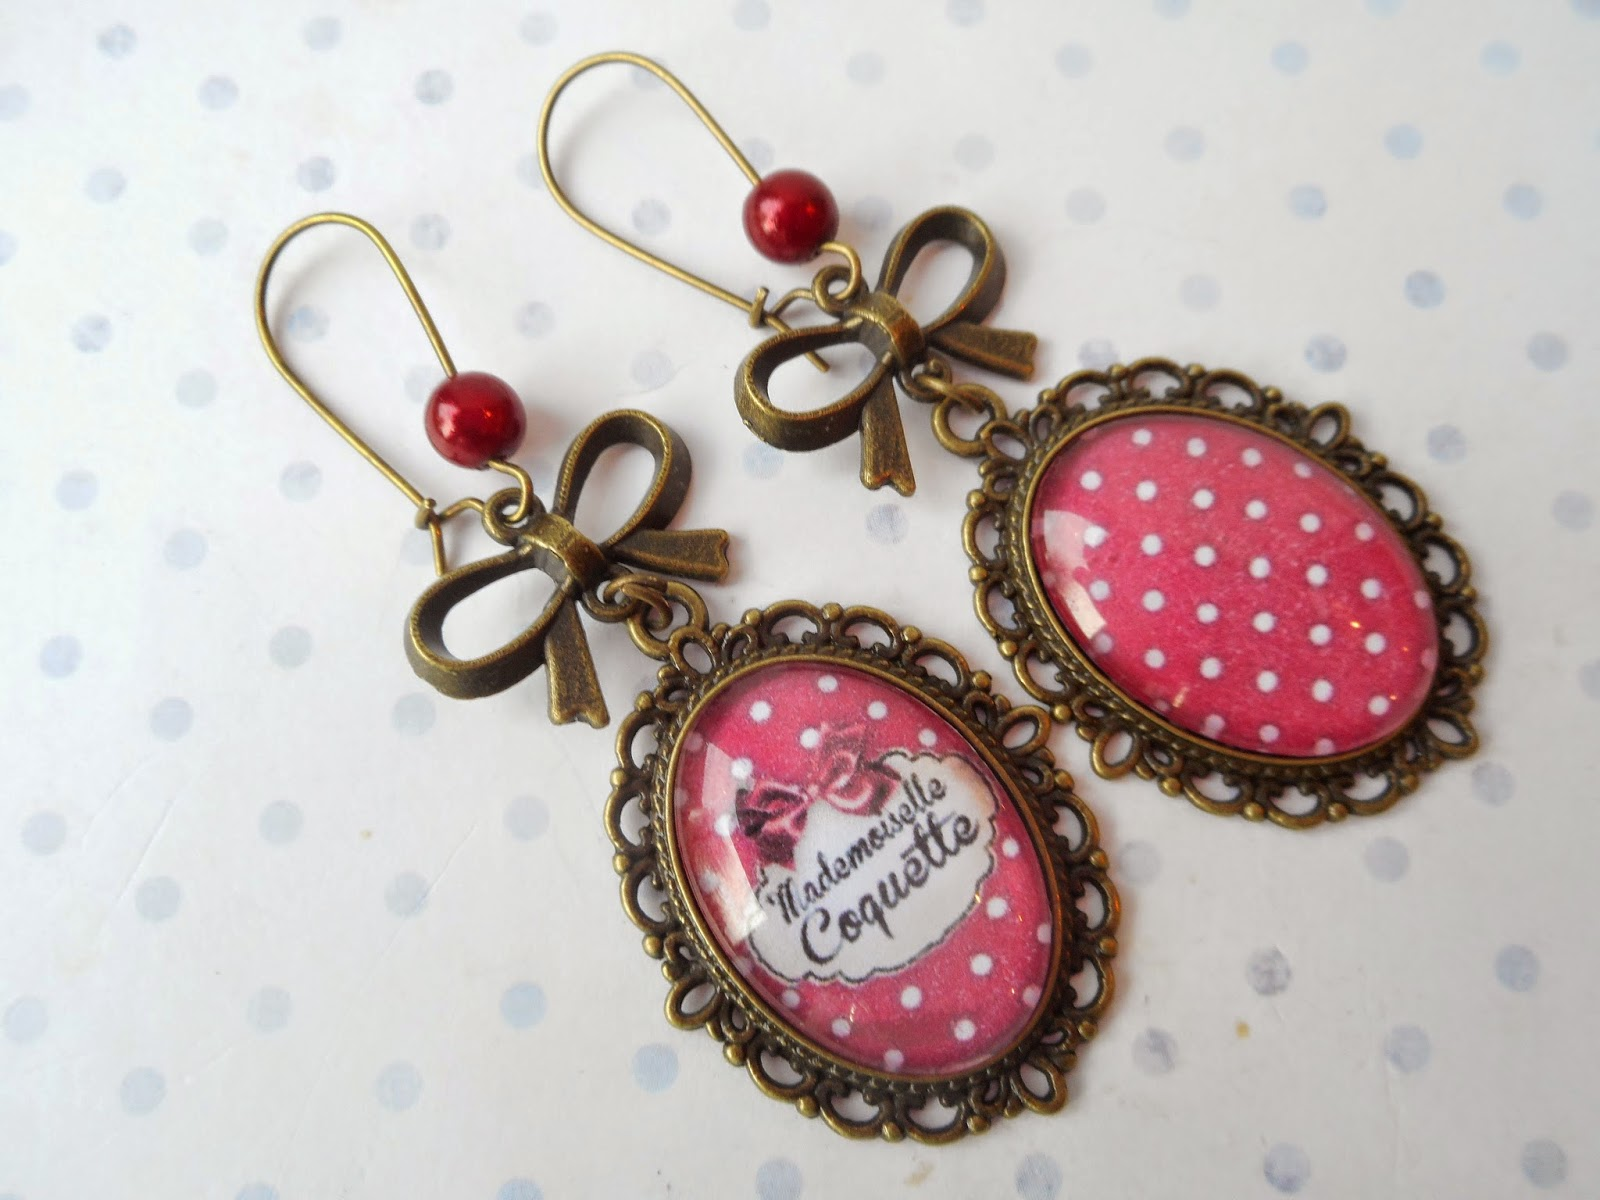 http://www.alittlemarket.com/boucles-d-oreille/fr_grandes_boucles_d_oreille_dormeuses_vintage_mademoiselle_coquette_les_pois_rouge_et_blanc_-11281441.html